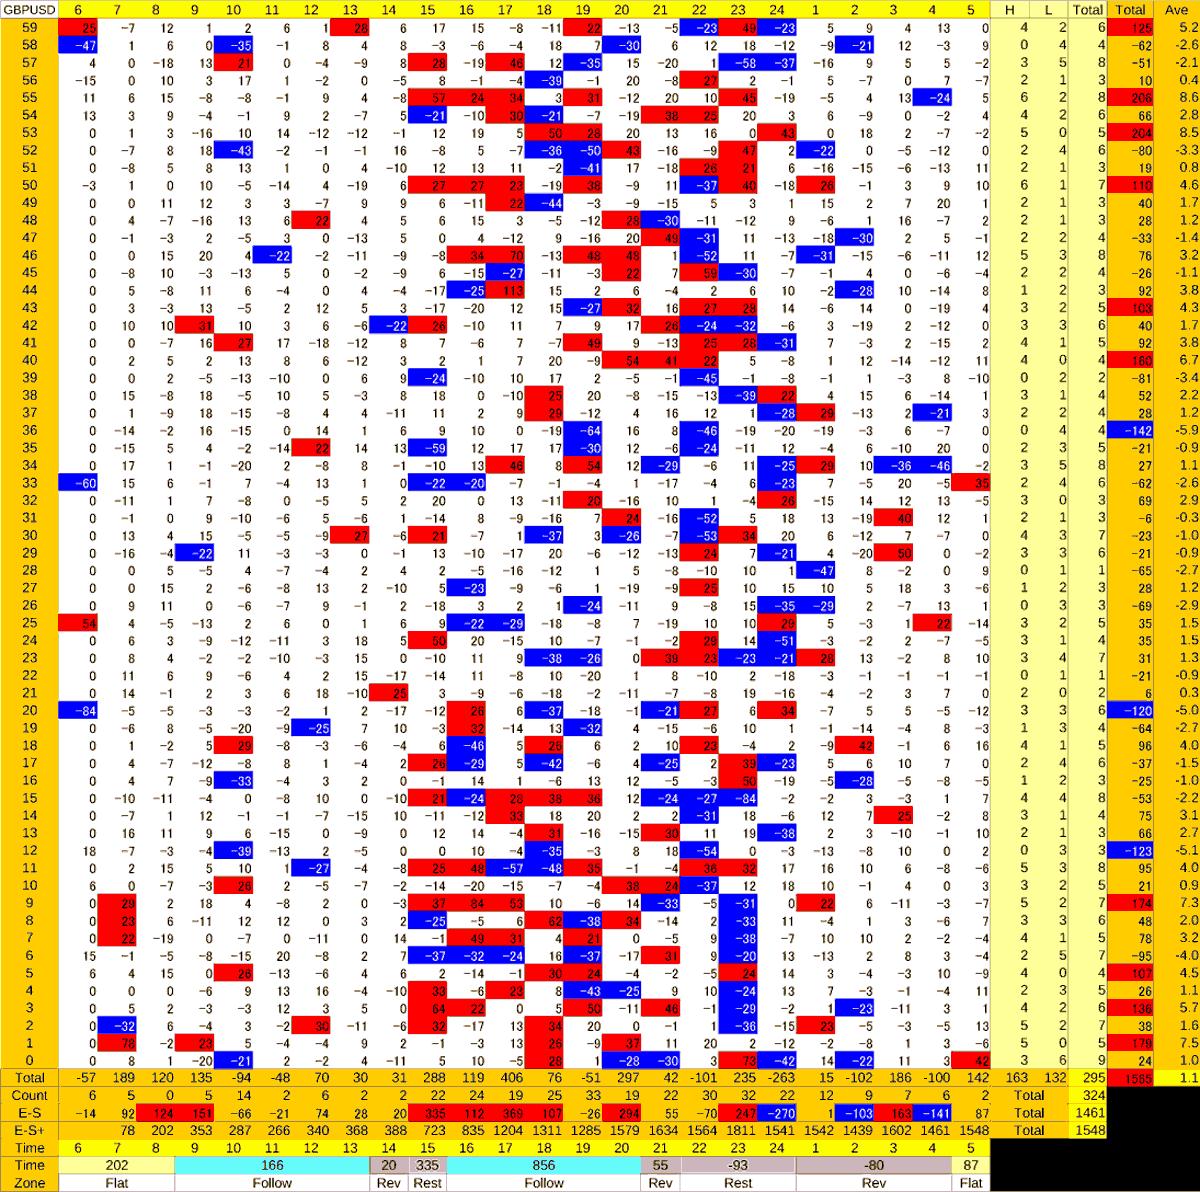 20200526HS(2)GBPUSD